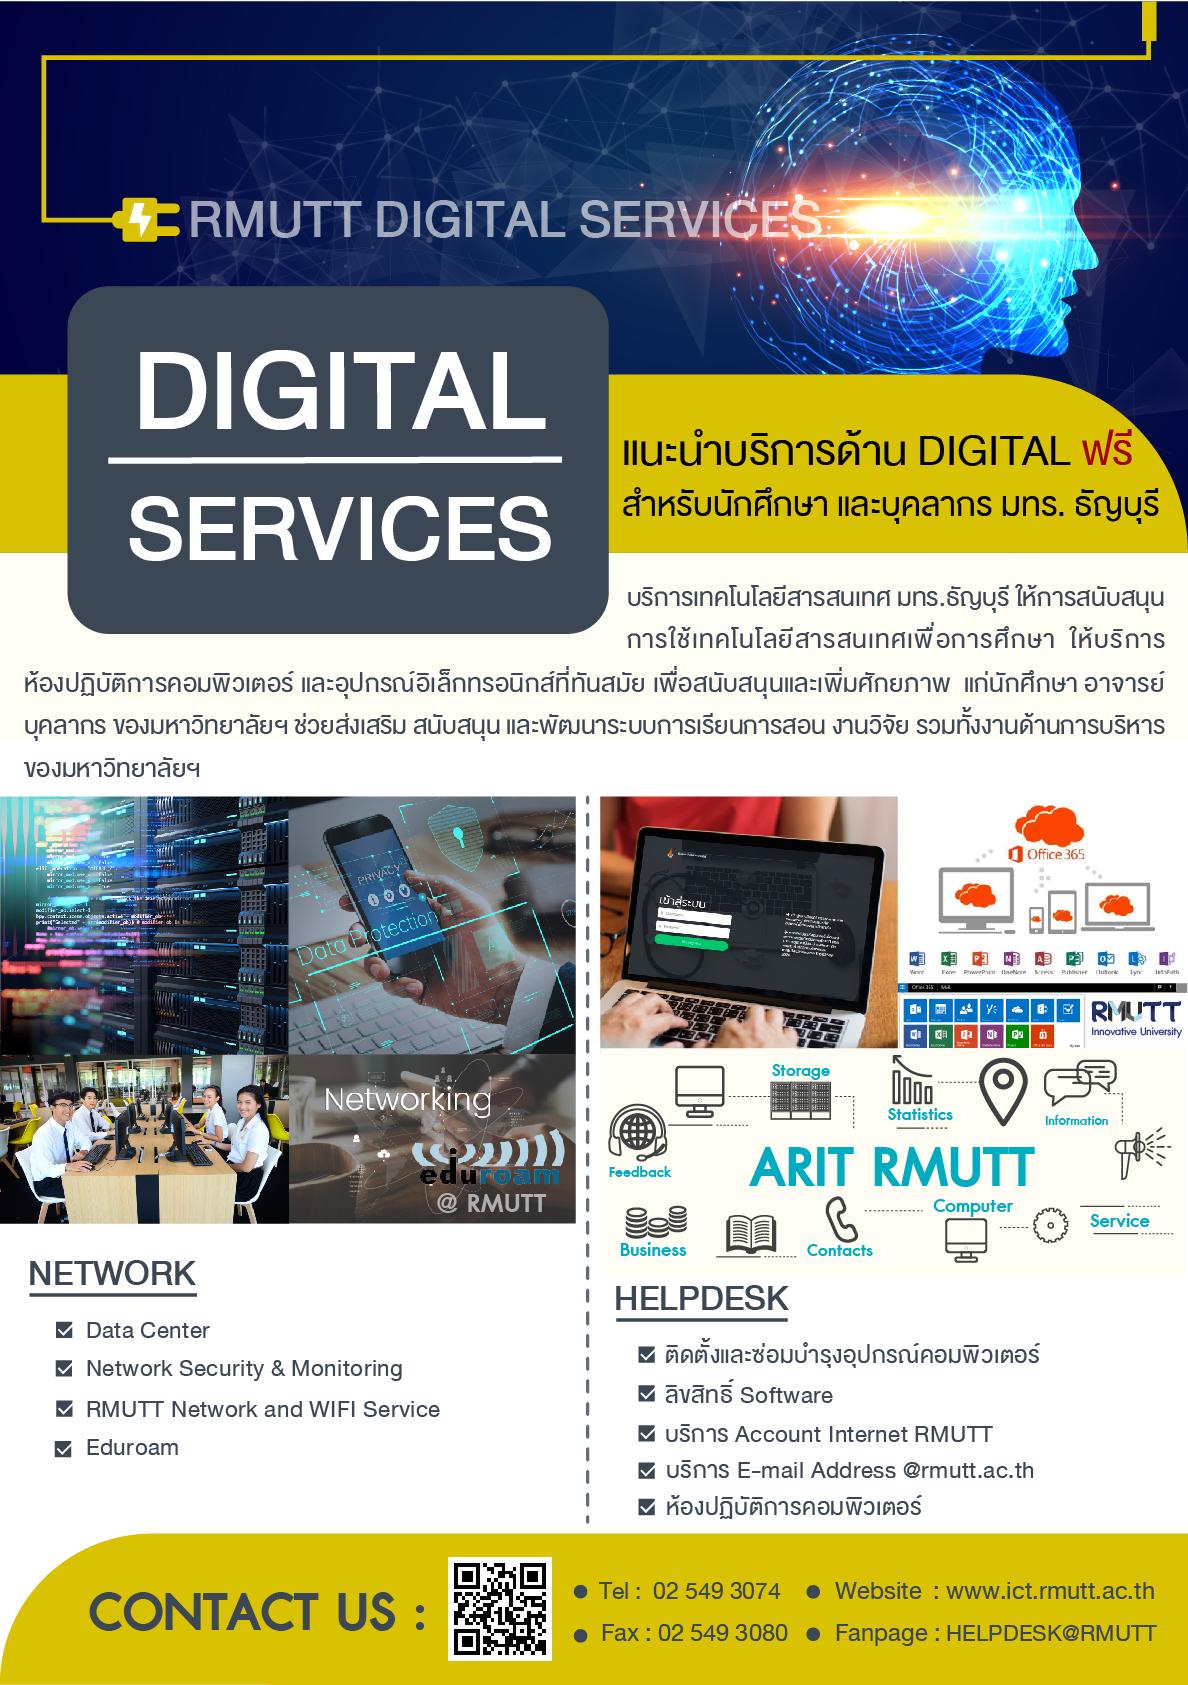 DIGITAL SERVICES บริการด้าน DIGITAL ฟรี สำหรับนักศึกษา และบุคลากร มทร. ธัญบุรี